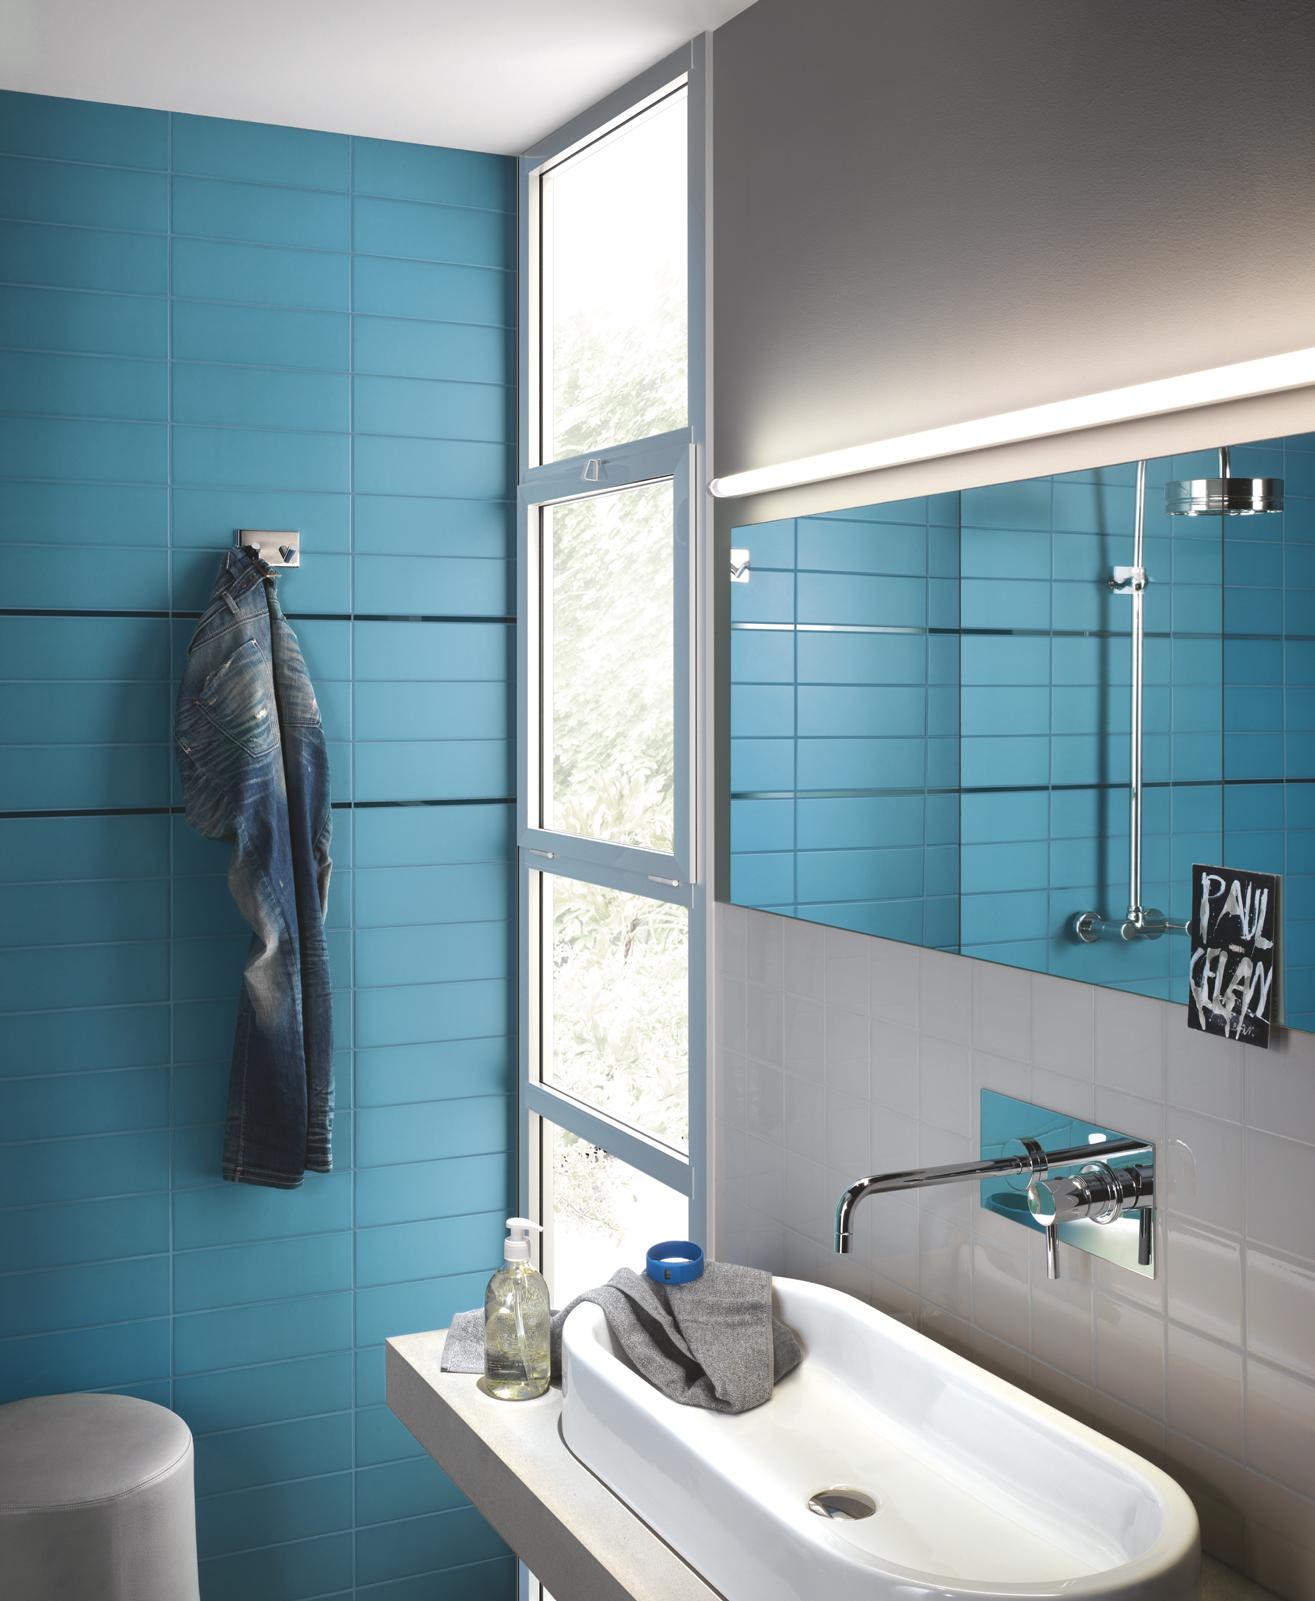 Collezione unitech rivestimenti dal colore accattivante for Piastrelle bagno turchese